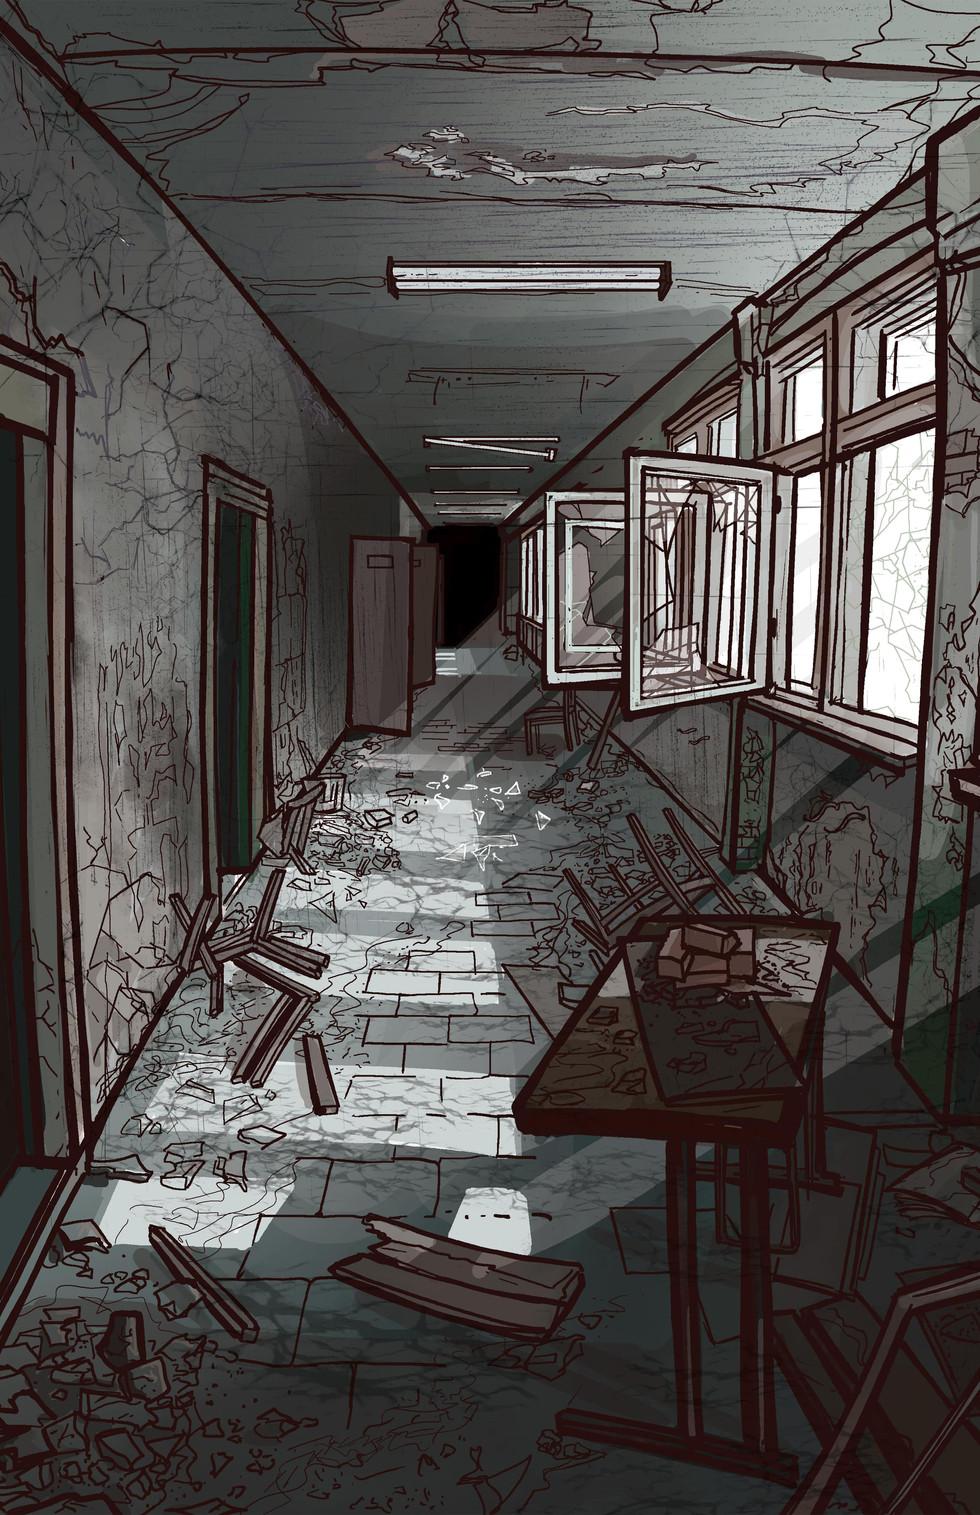 Chernobyl_compressed.JPG